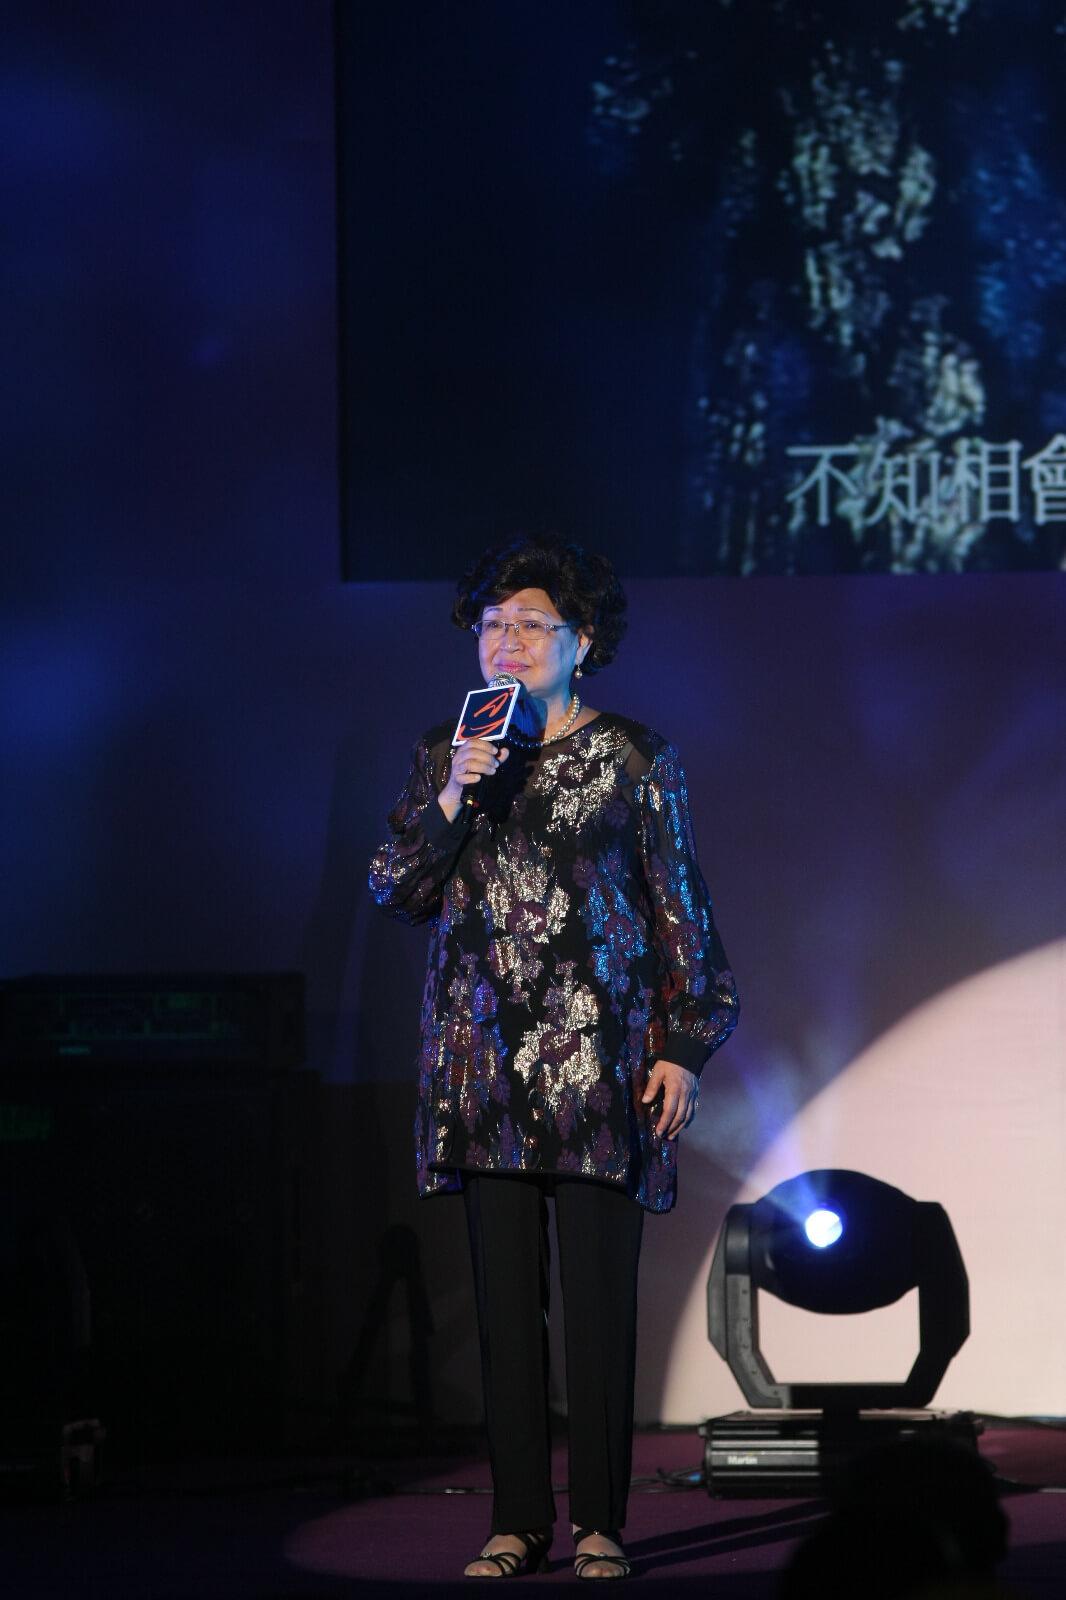 鮑培莉出席2010 CASH周年晚宴暨金帆音樂獎頒獎禮,為于粦榮獲「音樂成就大獎」獻唱《一水隔天涯》及《門邊一樹碧桃花》。